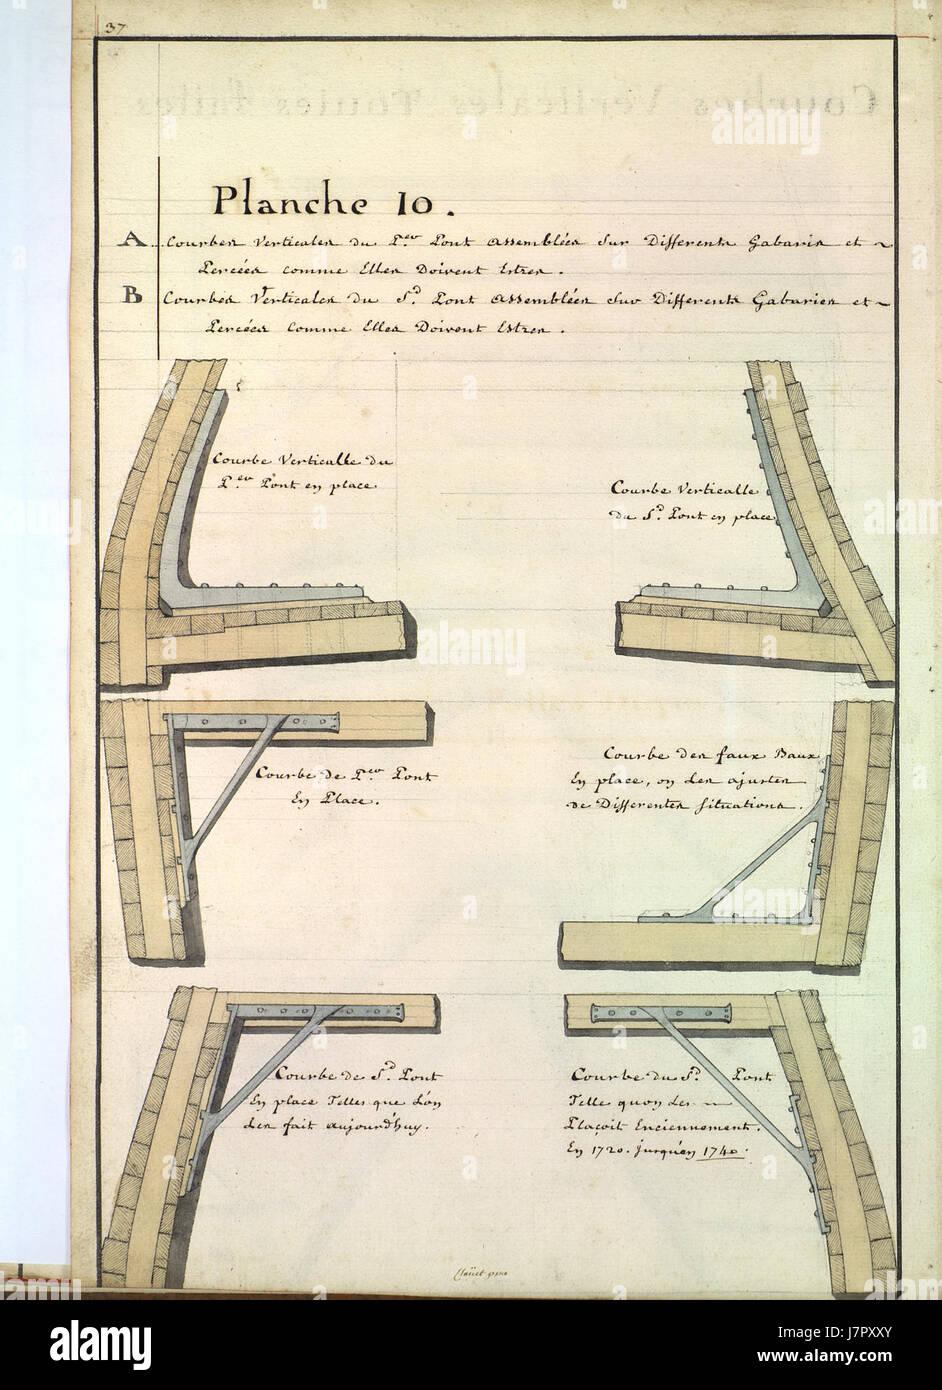 Courbes verticales de premier et deuxième ponts Photo Stock